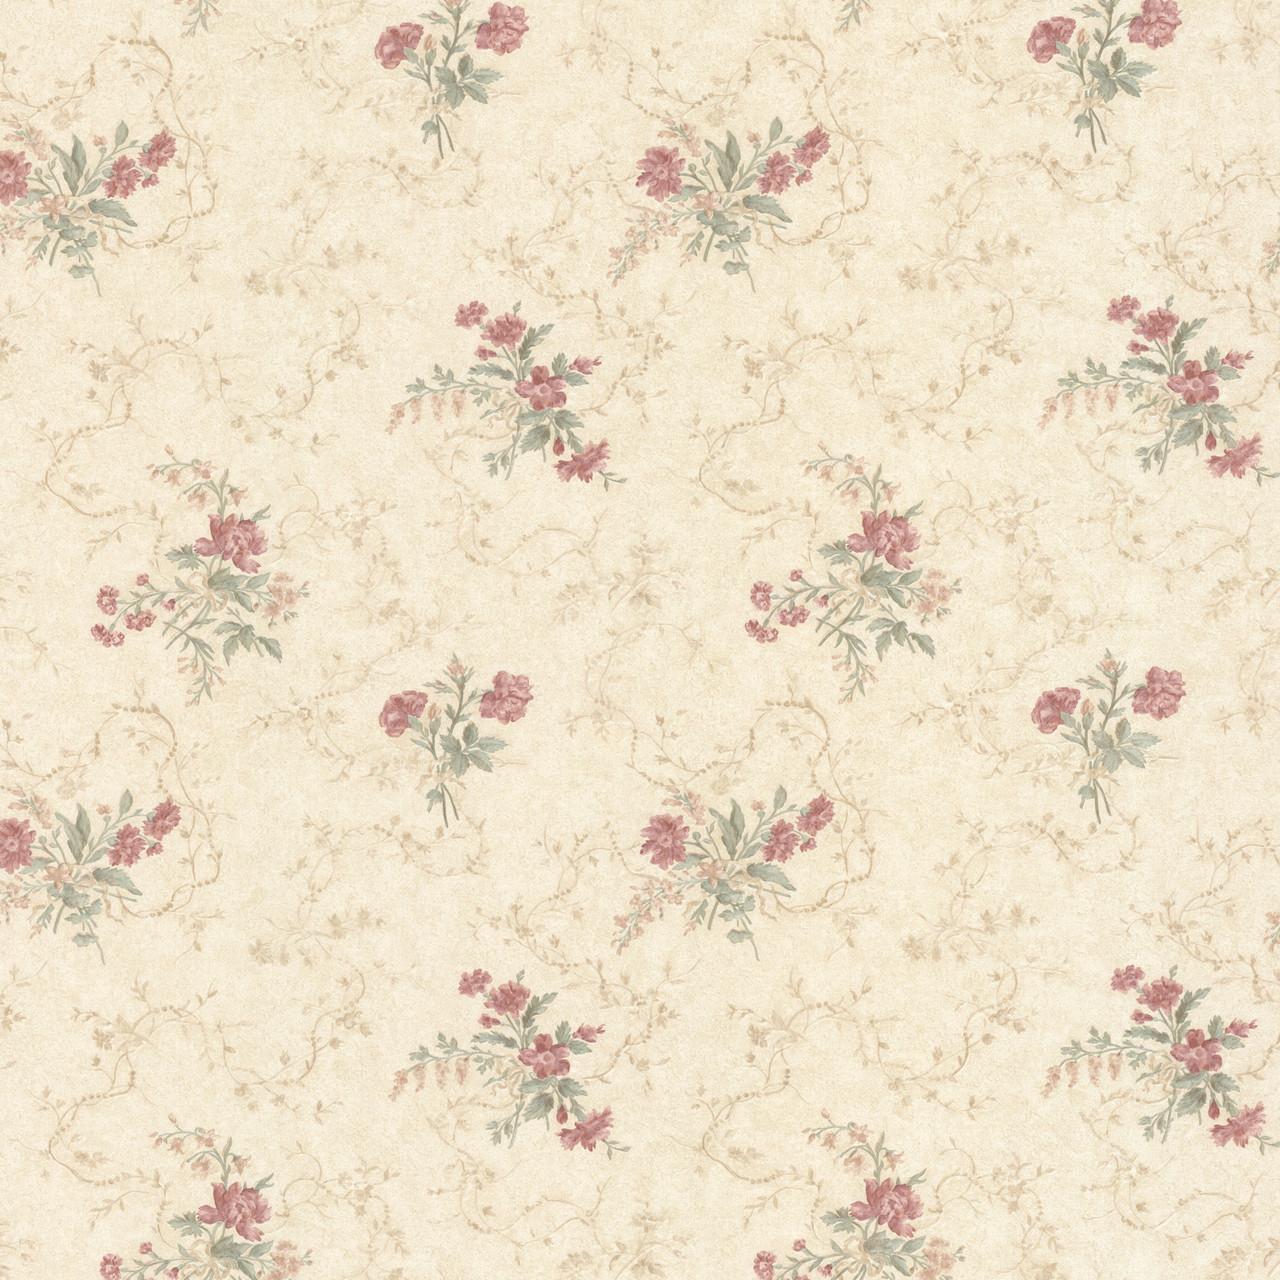 992 68339 Marie Salmon Delicate Floral Bouquet Wallpaper